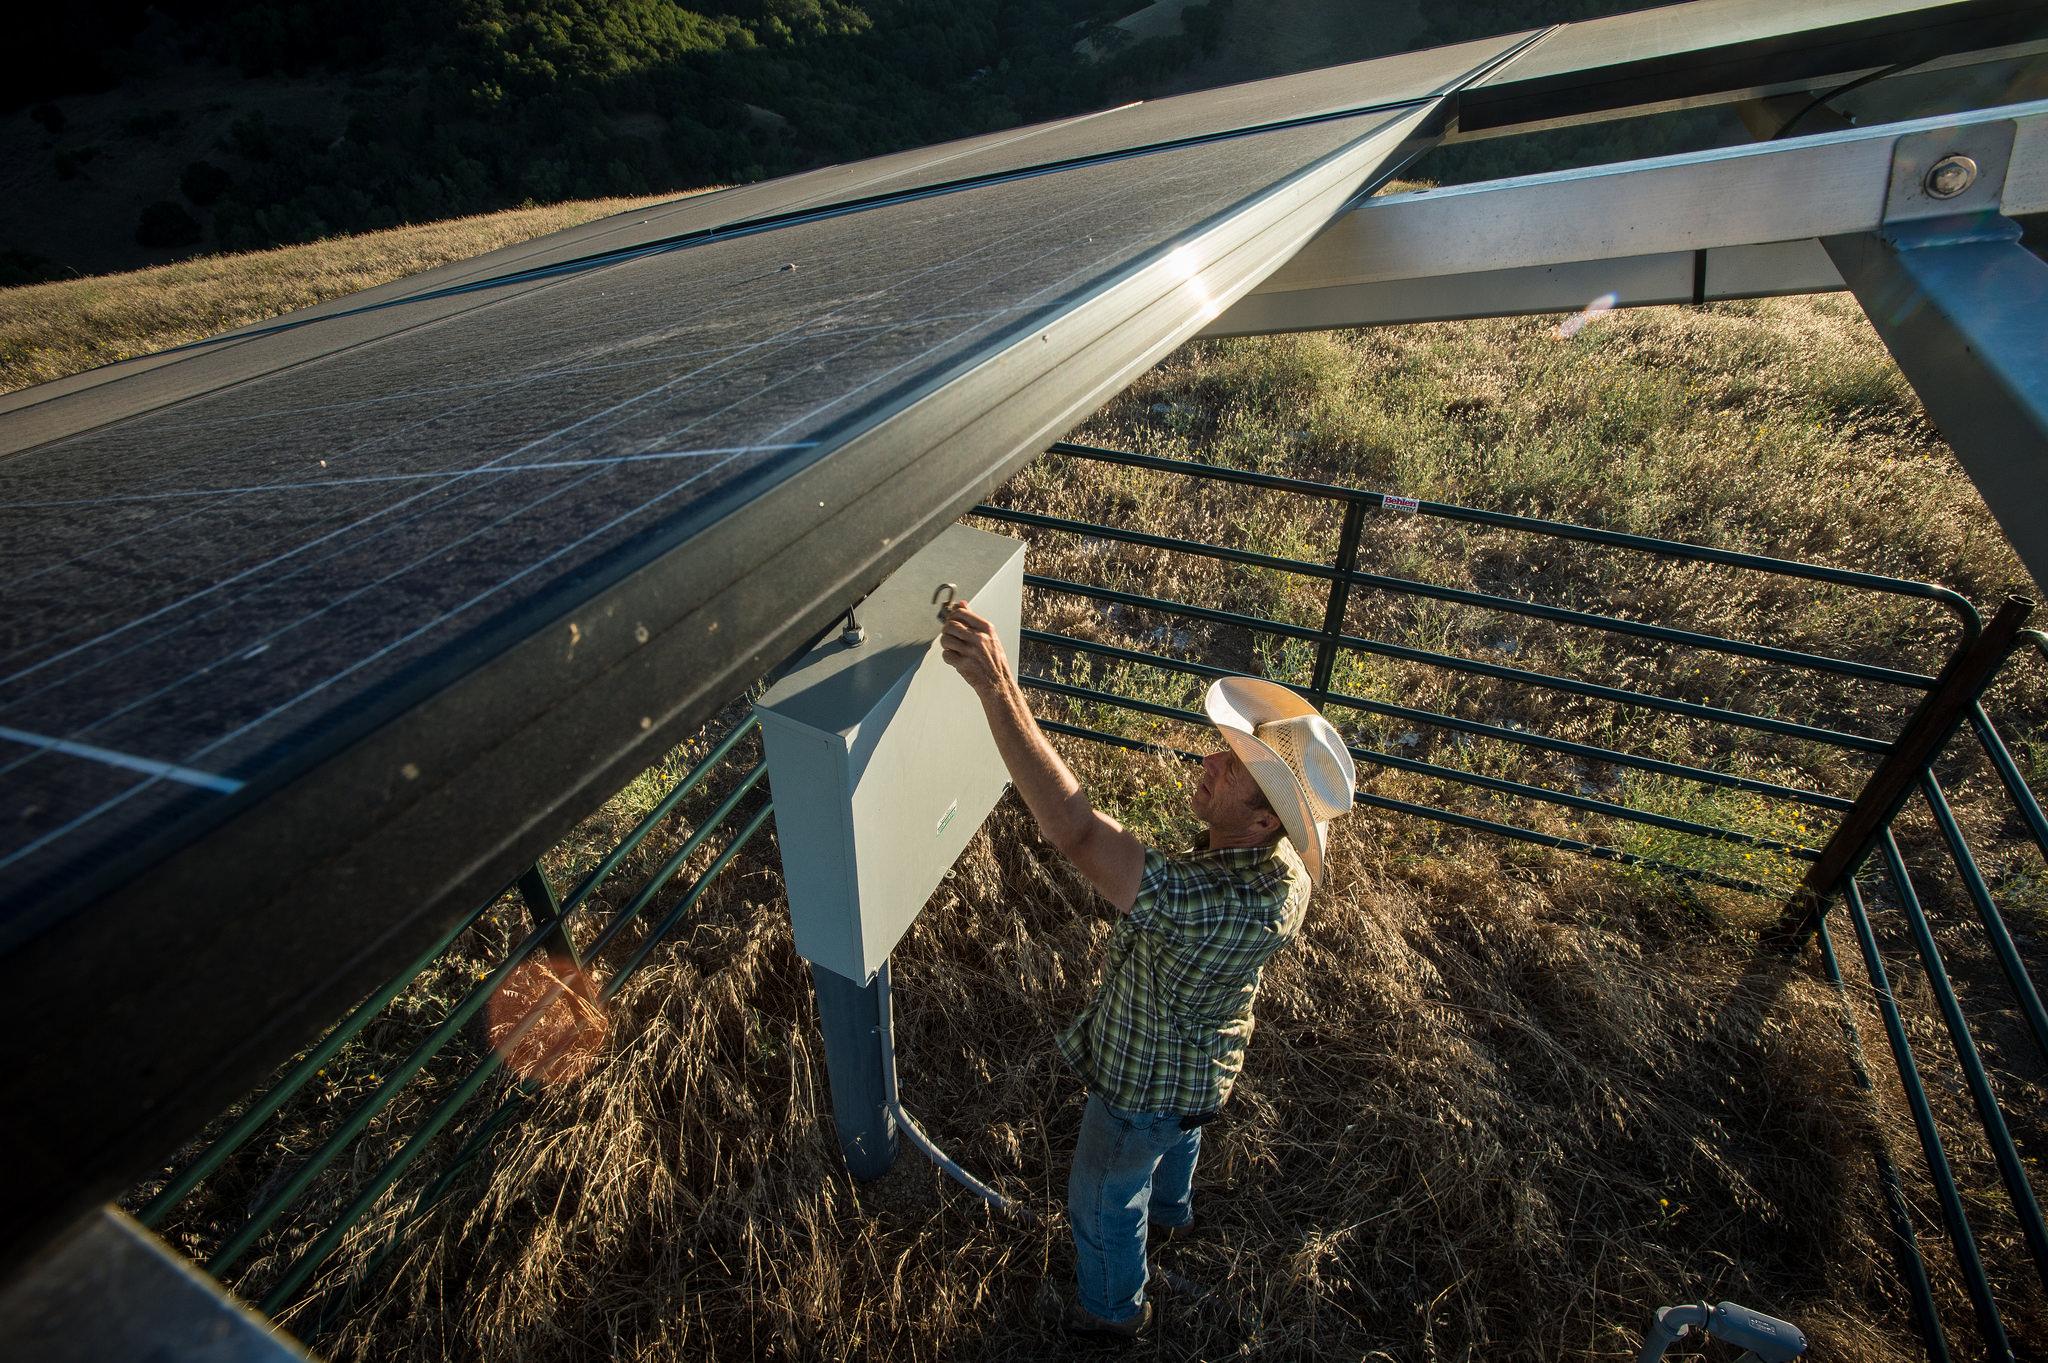 Farmer installs solar panels